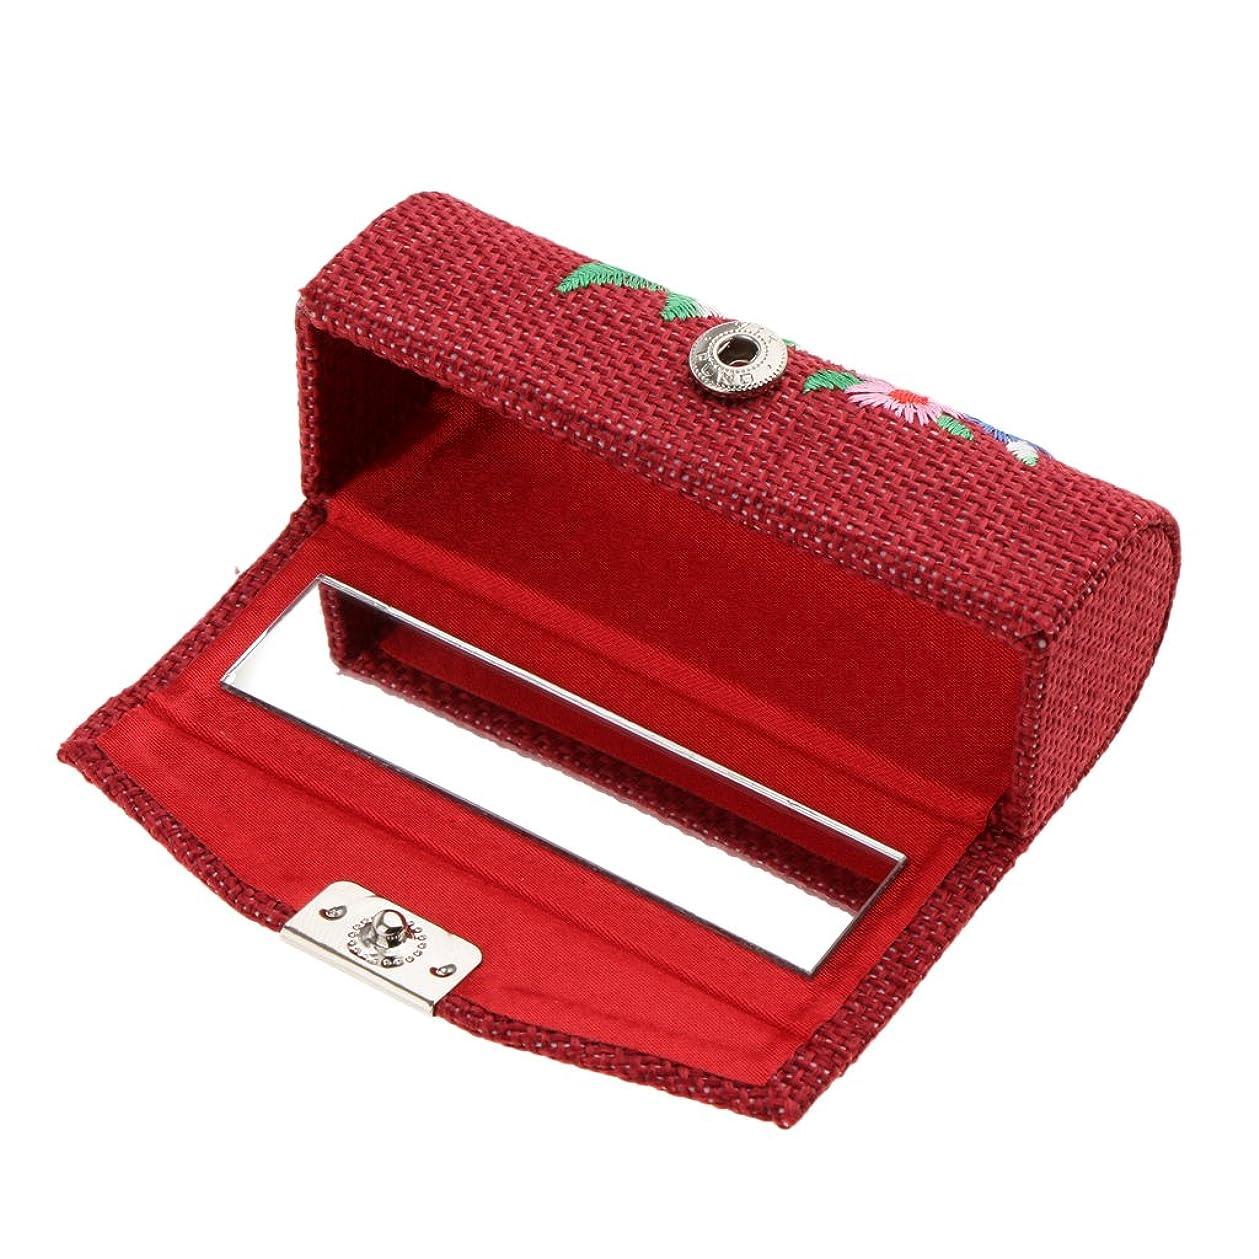 忙しい核再生Blesiya 化粧ポーチ 口紅ホルダー リップグロス 収納ケース ジュエリー ストレージ メイクアップ ミラー付き 収納ボックス 6色選べる - ワインレッド